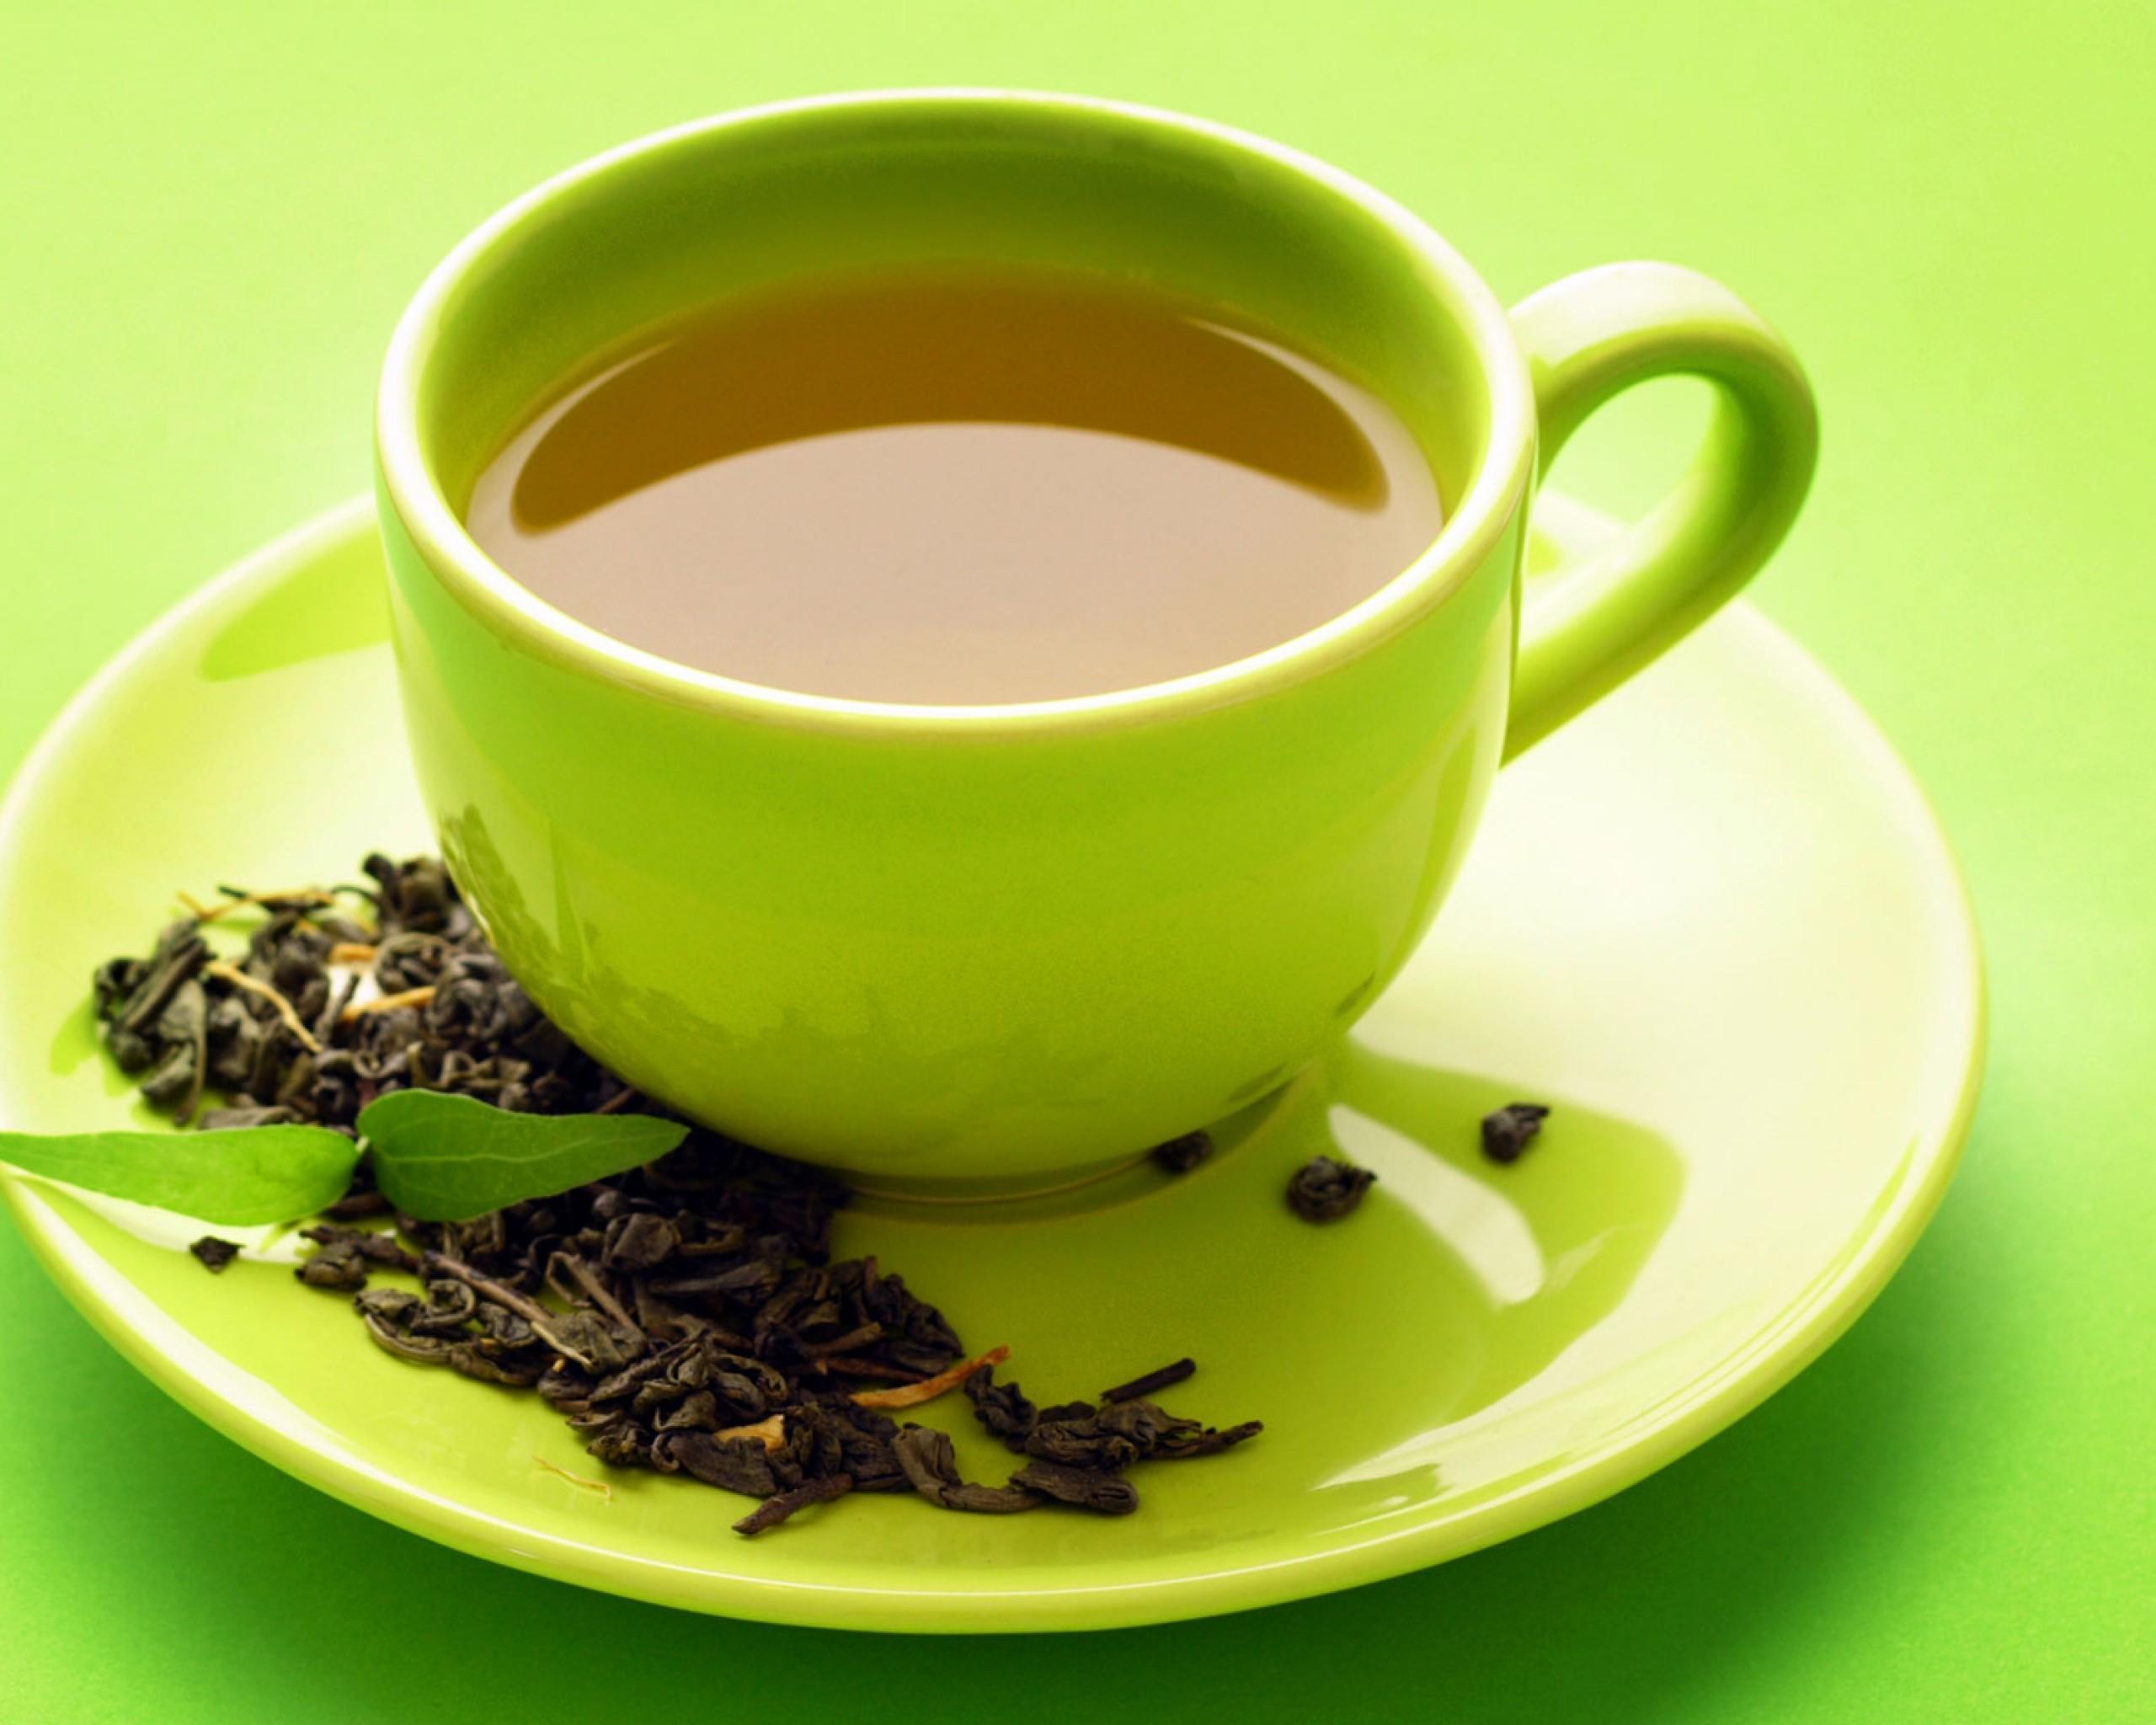 Chá Verde Realmente Emagrece? – Pesquisa Sobre O Chá Verde